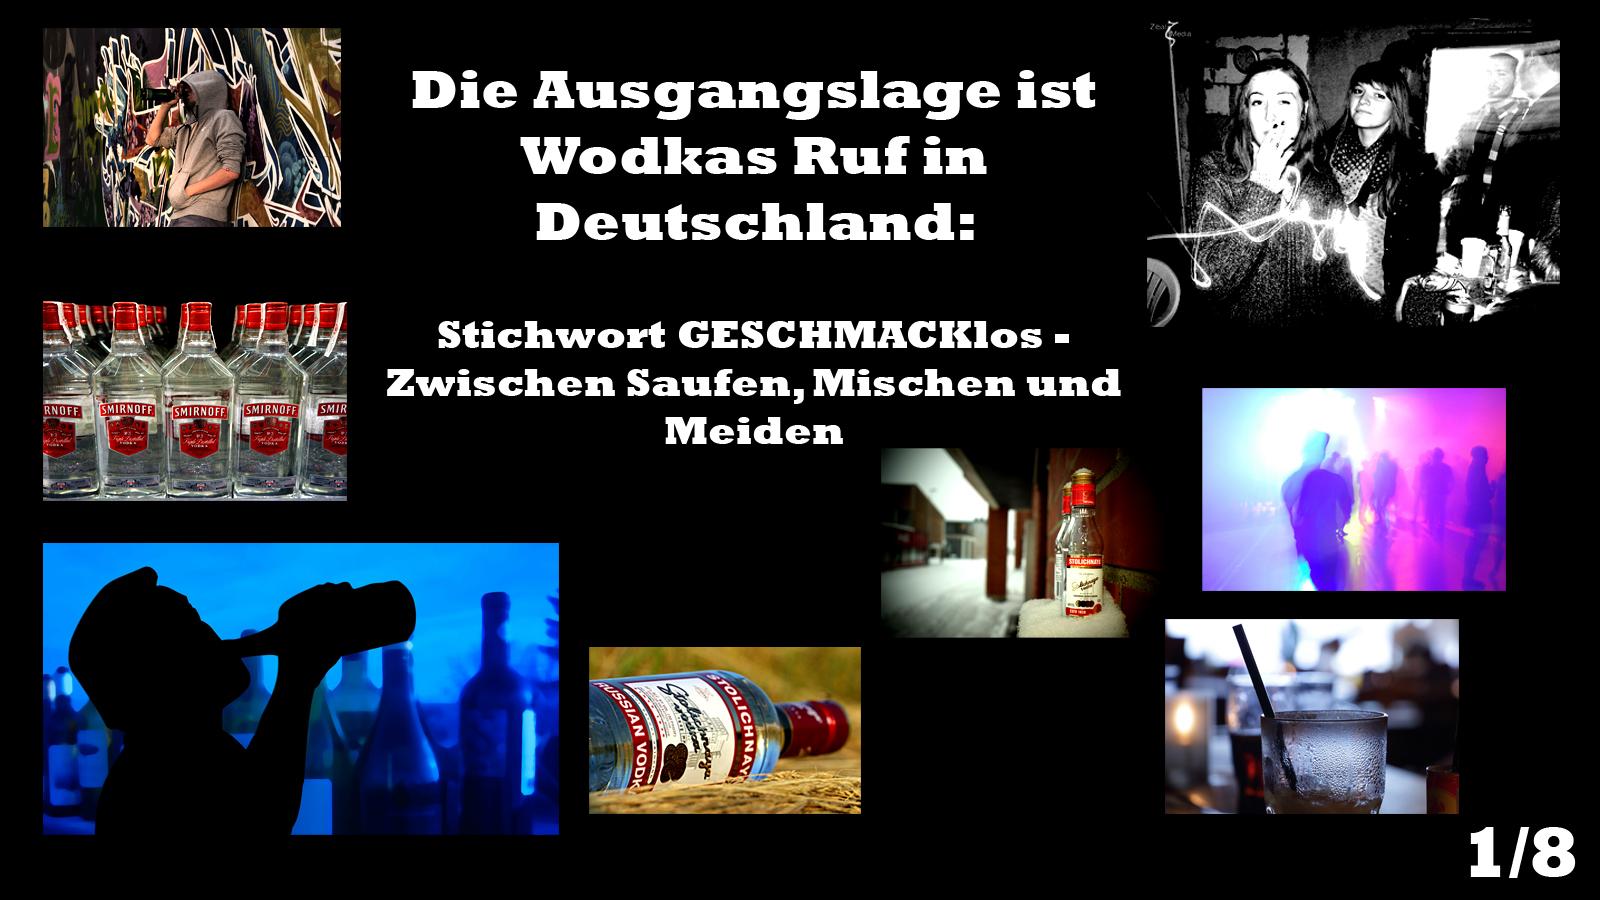 Wodka ,Please - Jubiläum - Polnischer Wodka